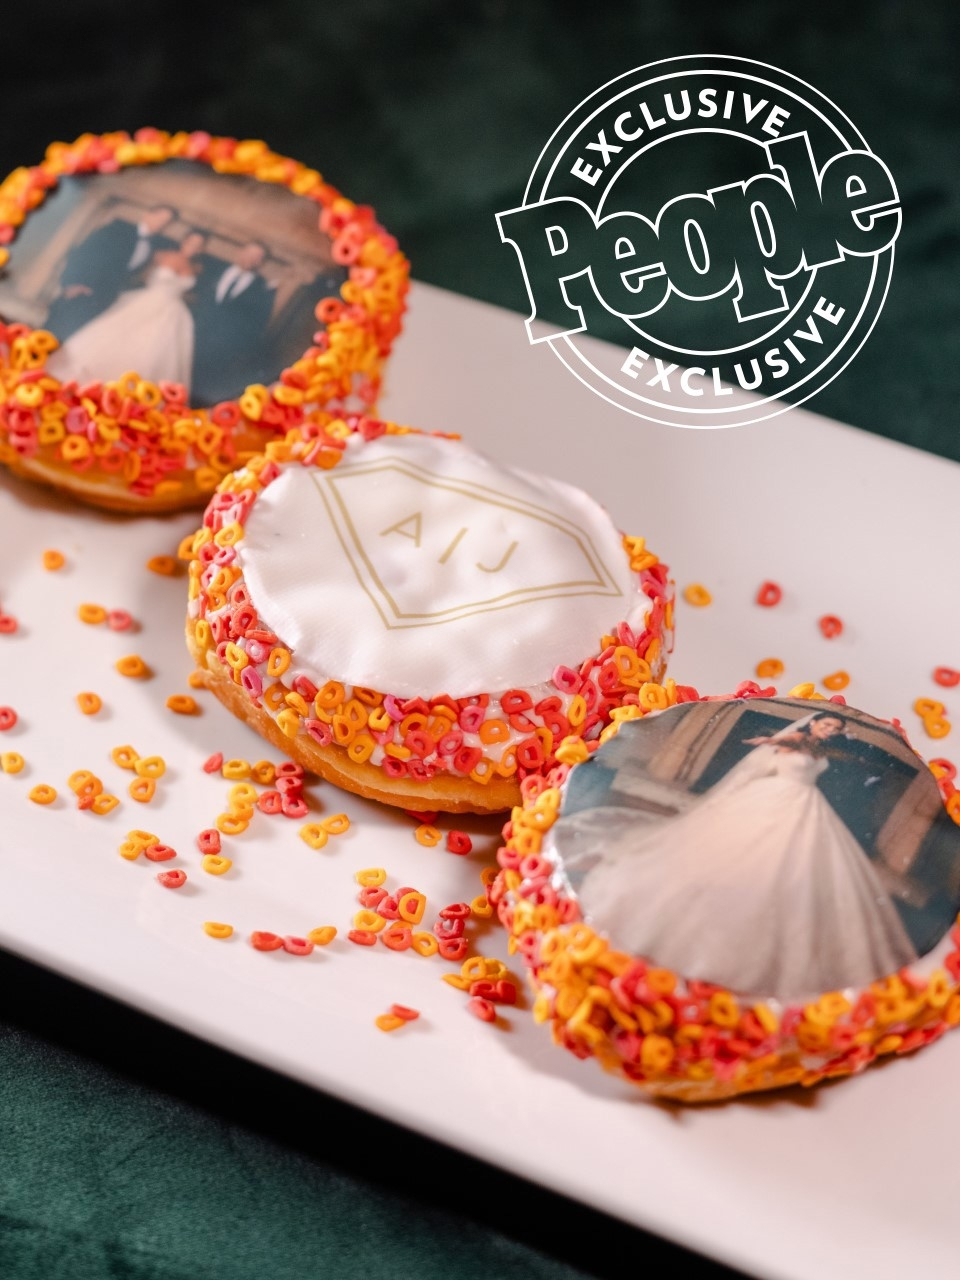 Dunkin' Celebrates Celebrity Couple Ashley I. and Jared Haibon's Wedding